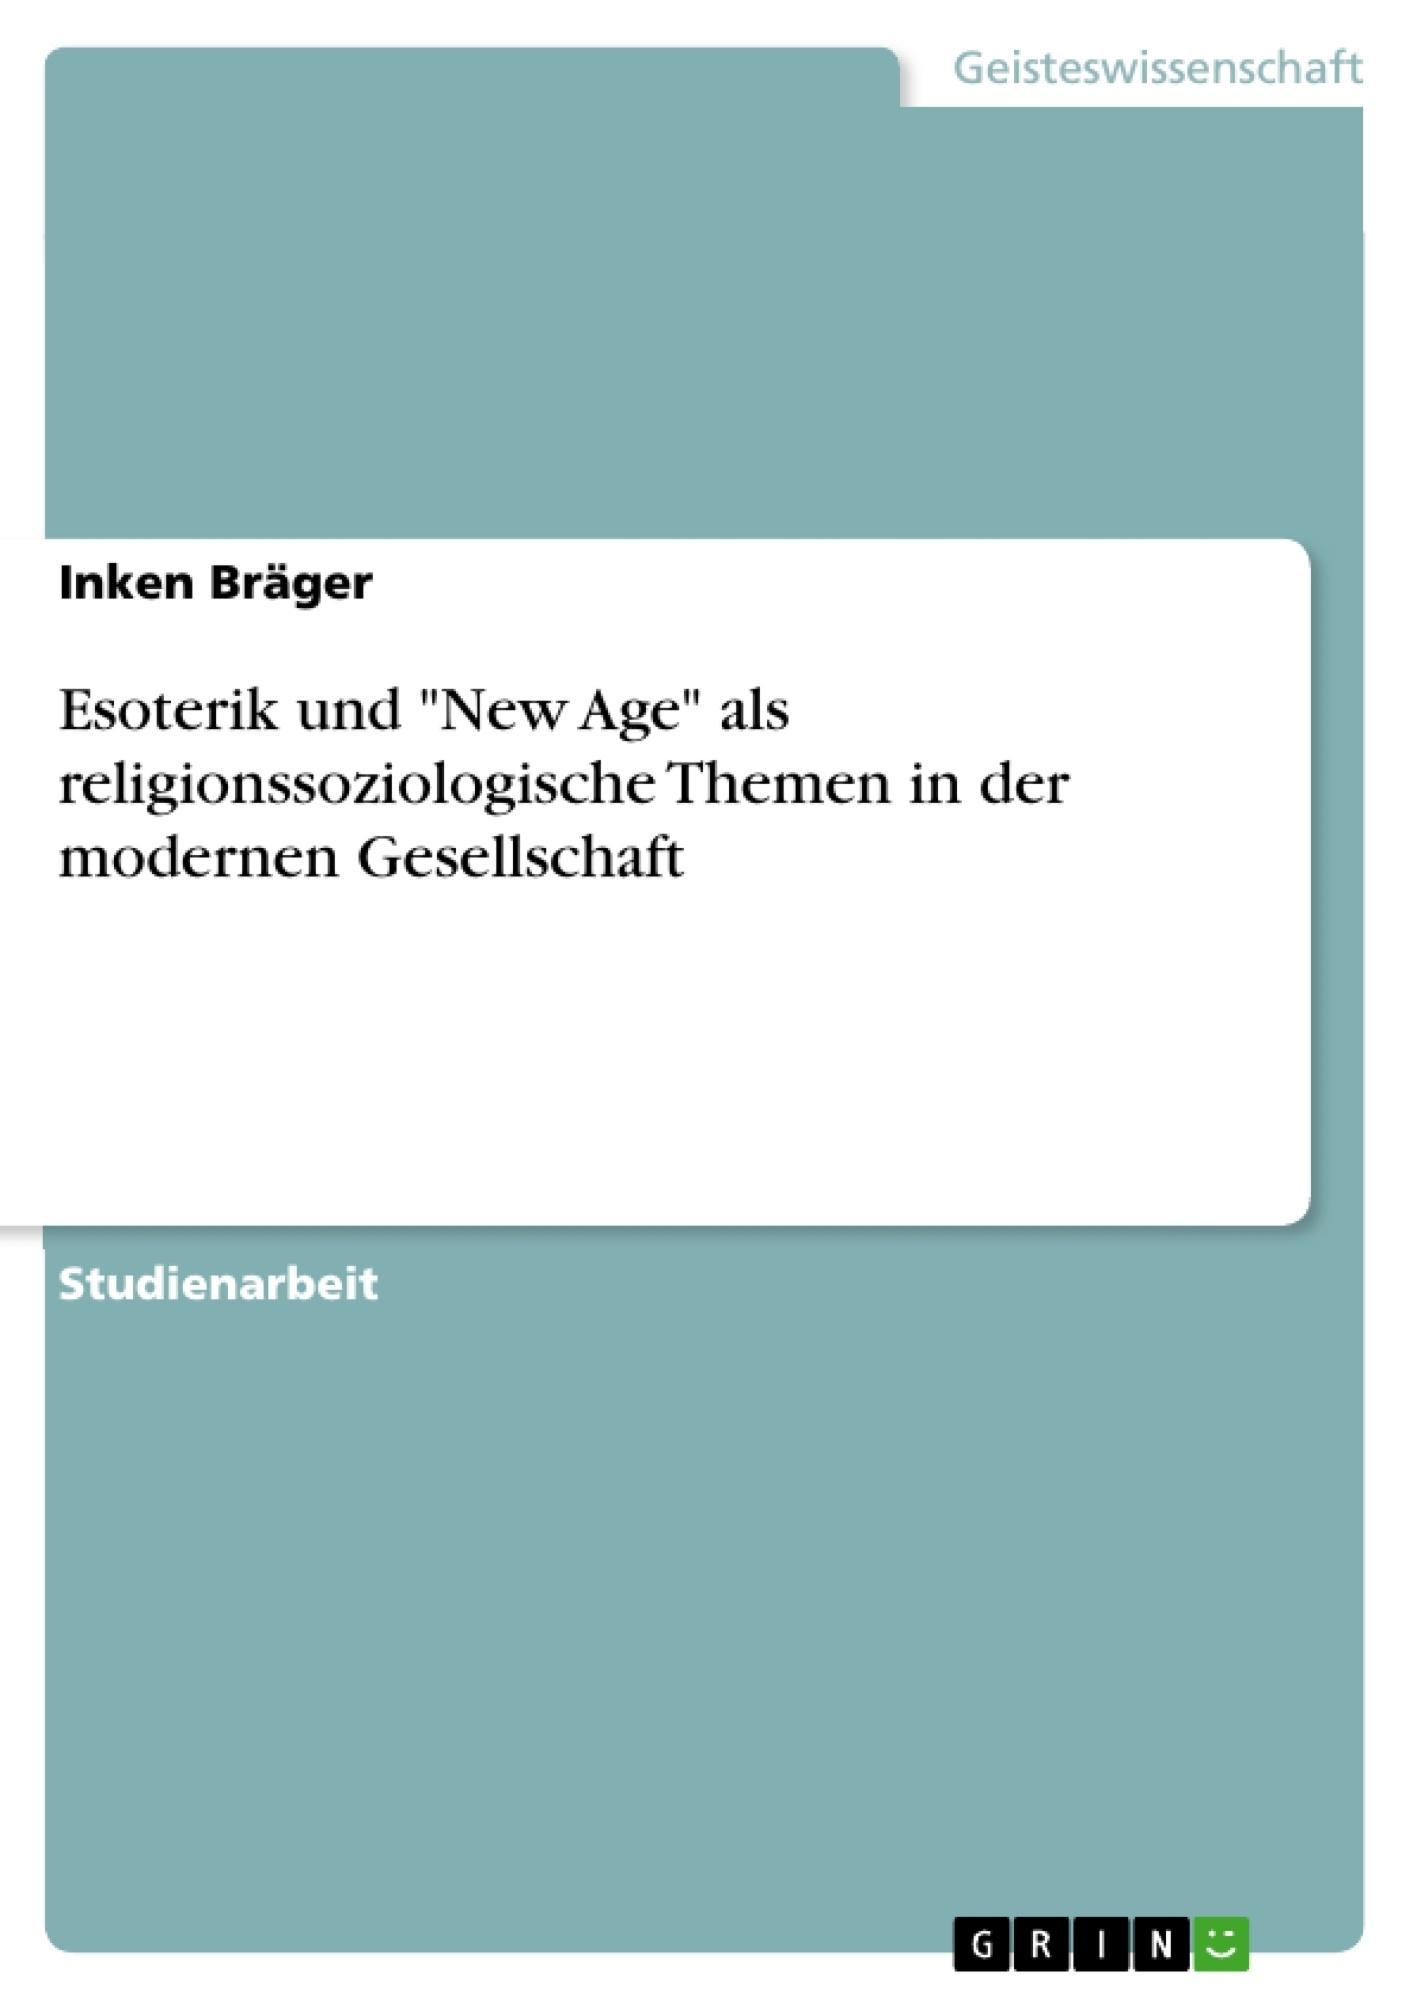 """Titel: Esoterik und """"New Age"""" als religionssoziologische Themen in der modernen Gesellschaft"""